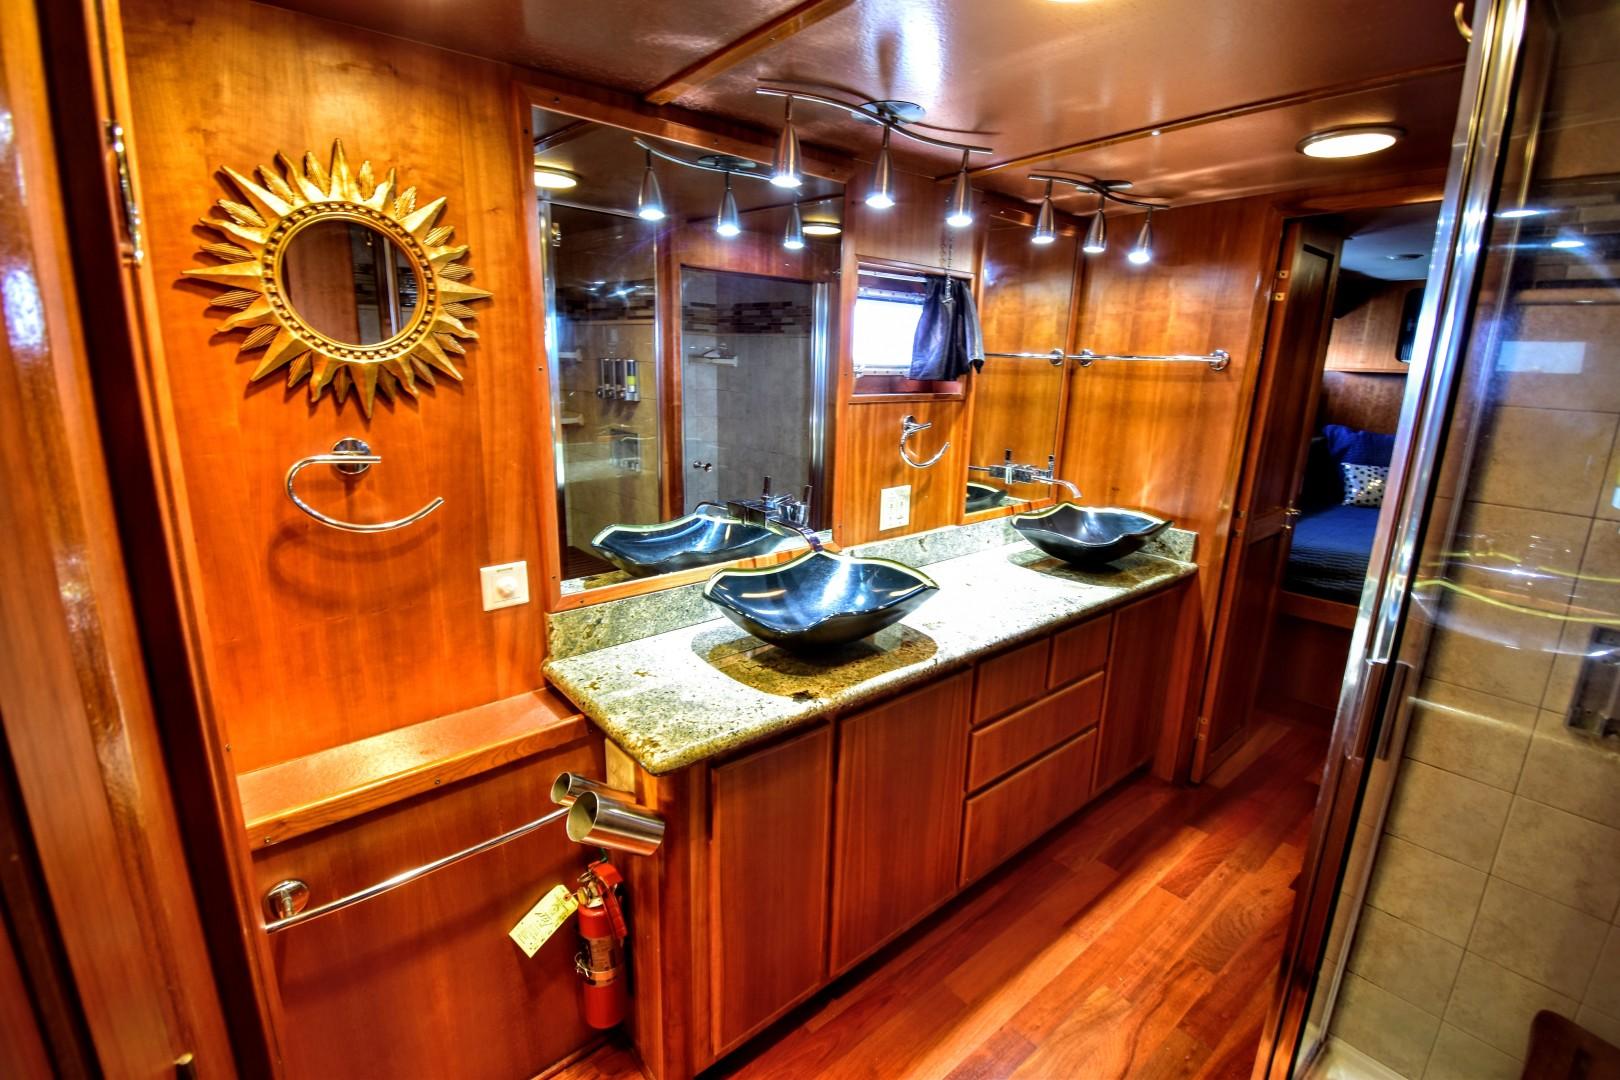 Hatteras-82 Cockpit Motor Yacht 1985-Papillon Seabrook-Texas-United States-Hatteras Motor Yacht 1985 Papillon Master Head-1345393 | Thumbnail